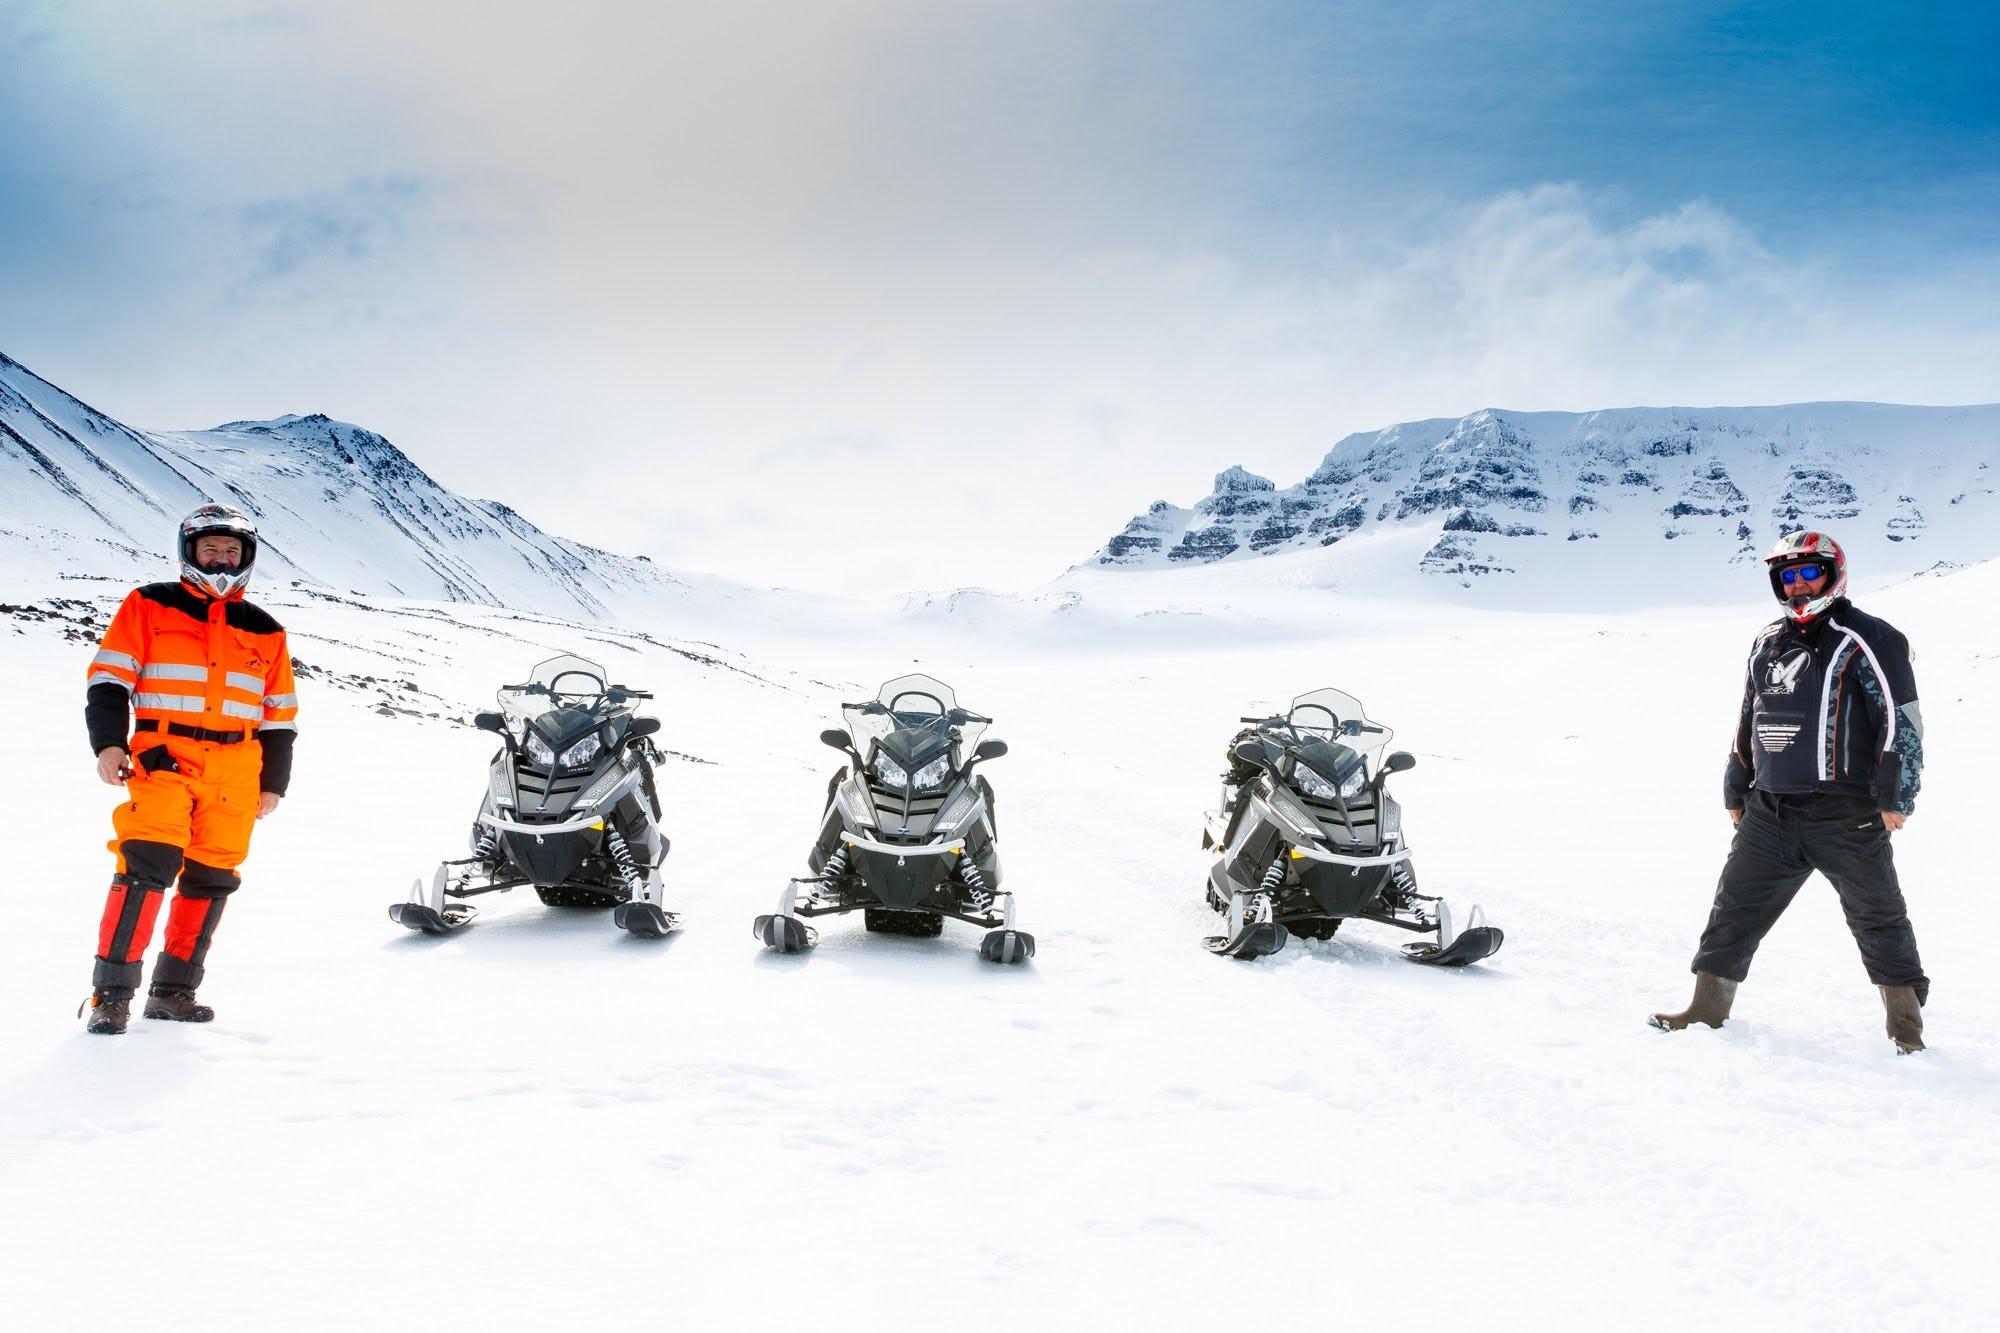 Découvrez les paysages hivernaux du nord de l'Islande lors de cette excursion motoneige